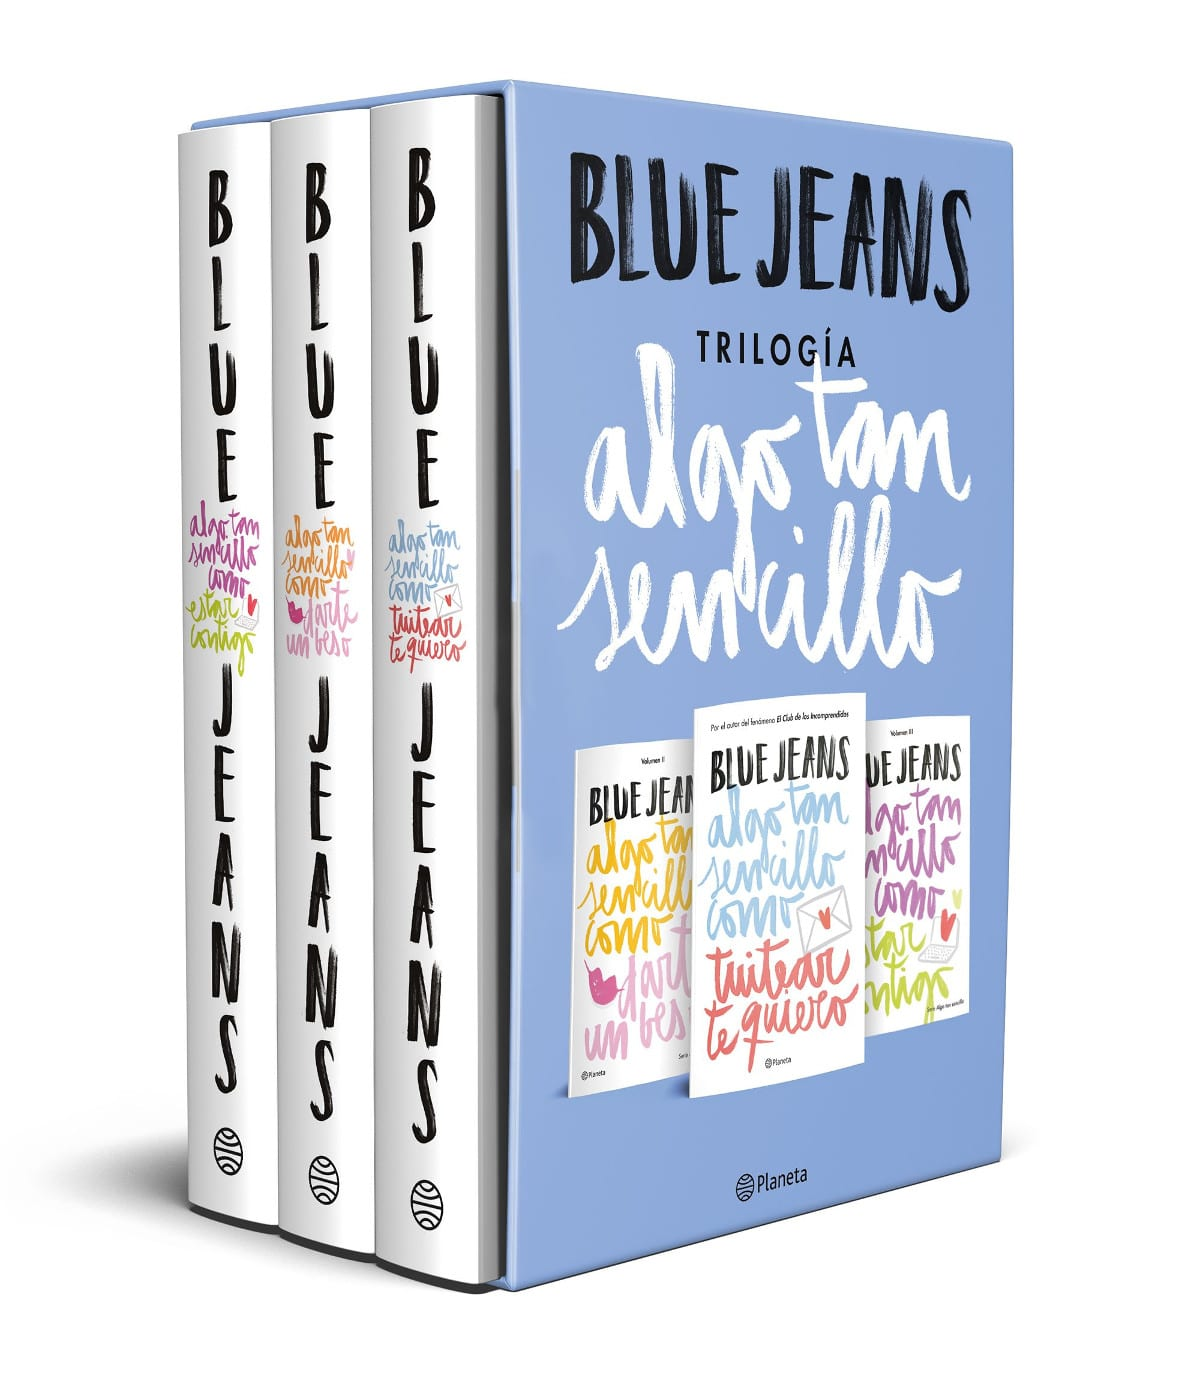 Las características de la pluma en los libros de Blue Jeans